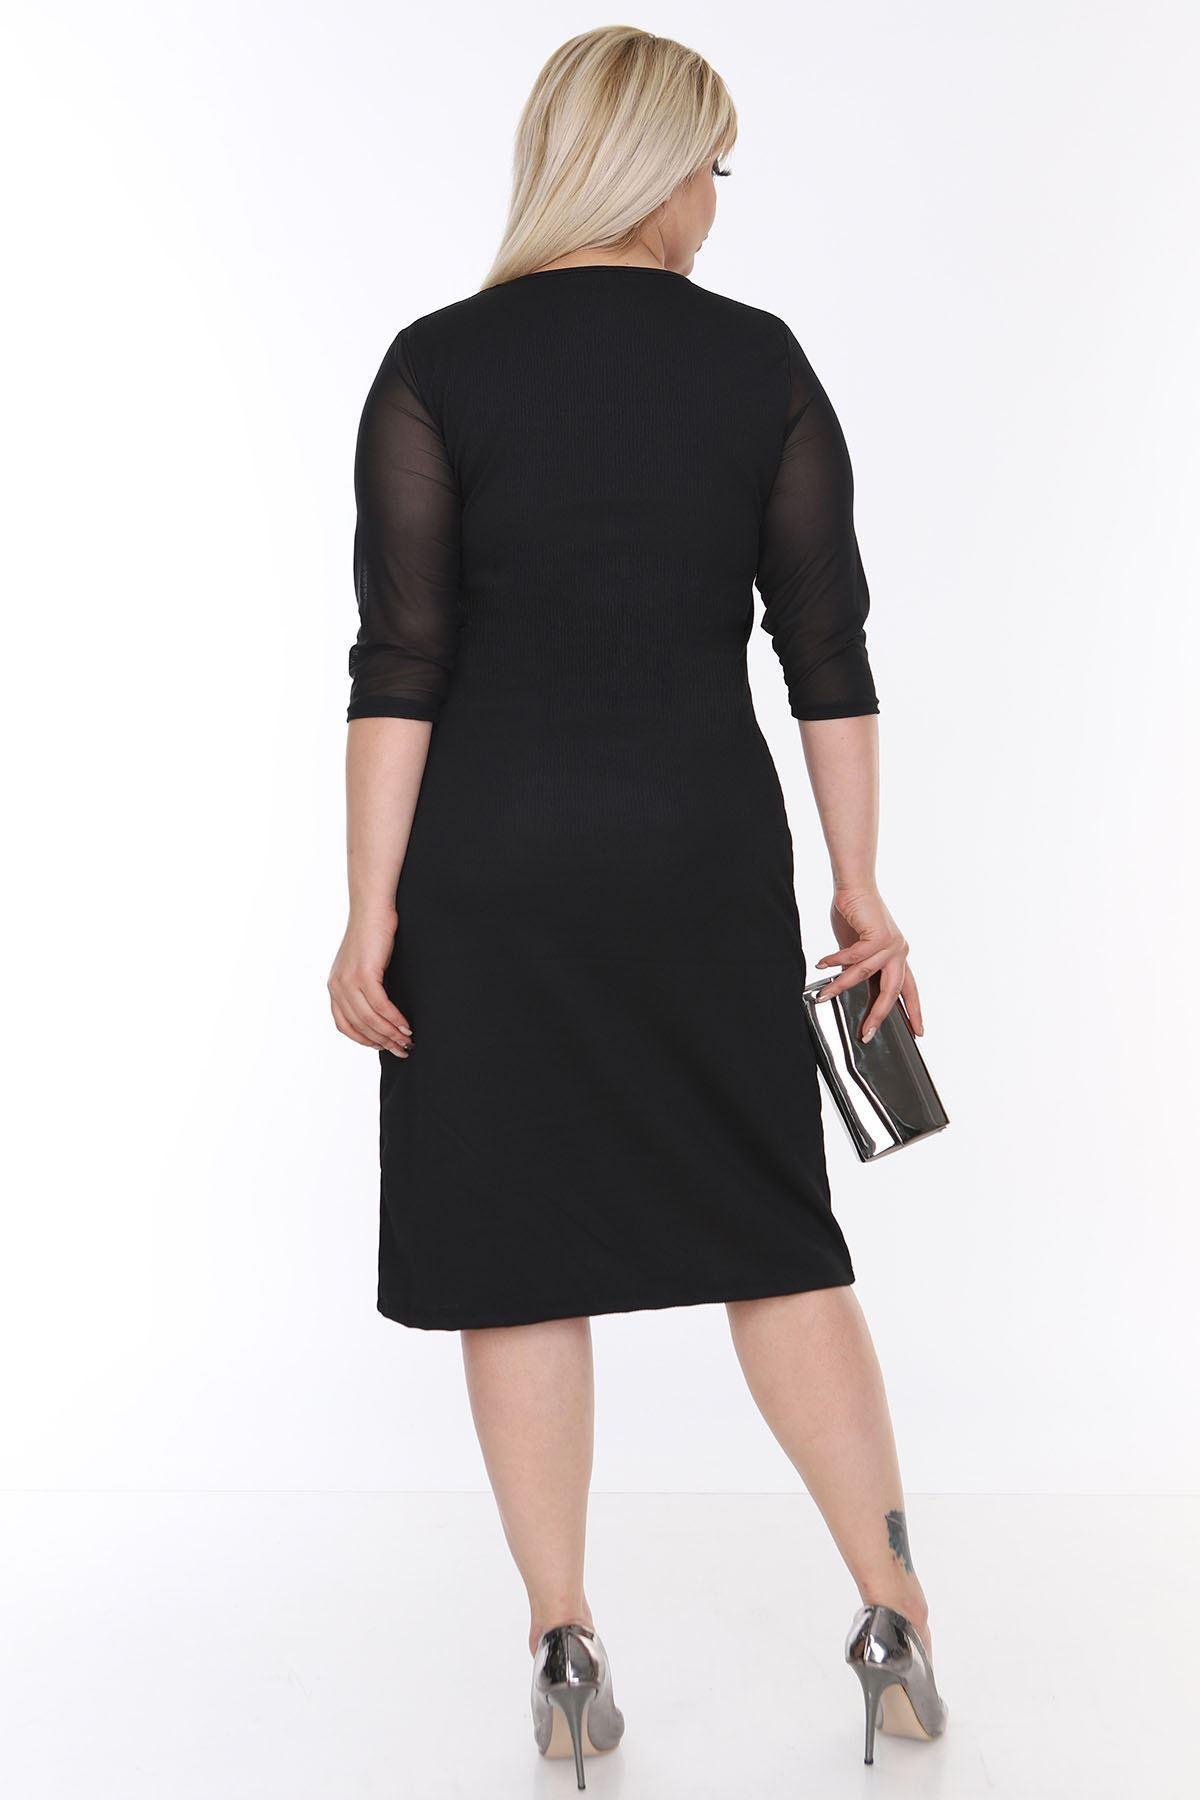 Tül Kol Siyah Büyük Beden Elbise 3B-0207